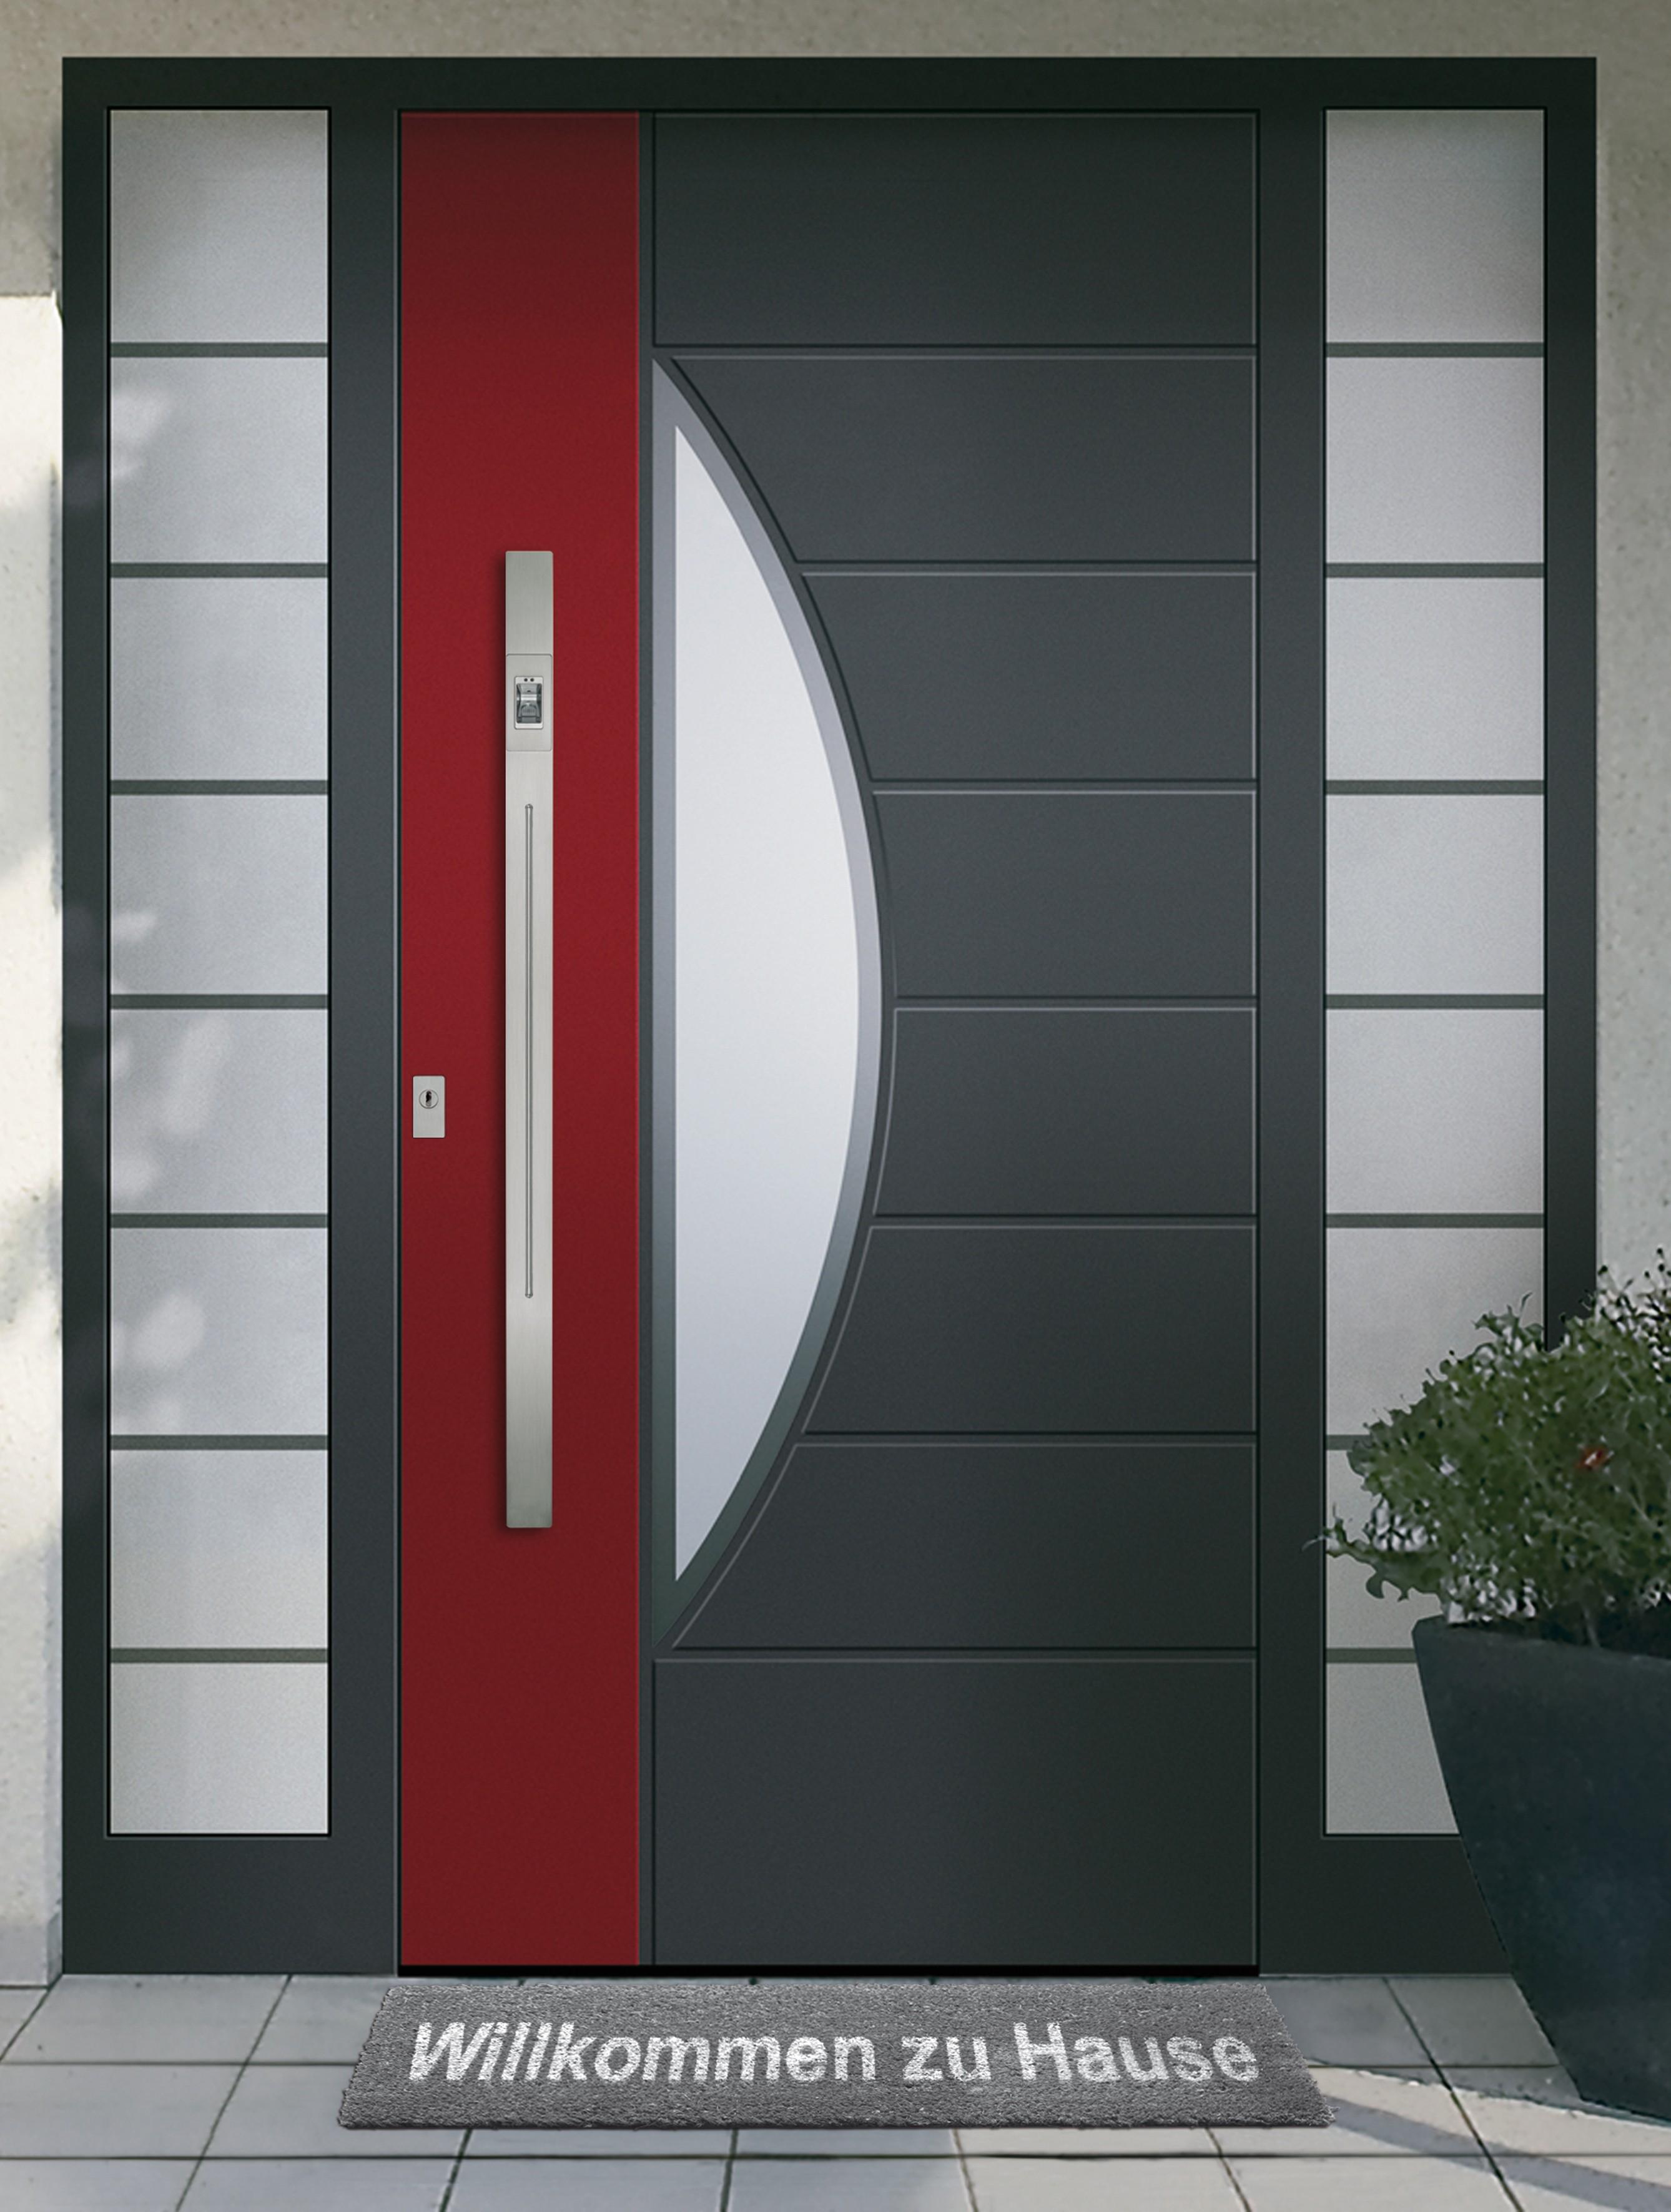 haust ren dirk ohrem. Black Bedroom Furniture Sets. Home Design Ideas